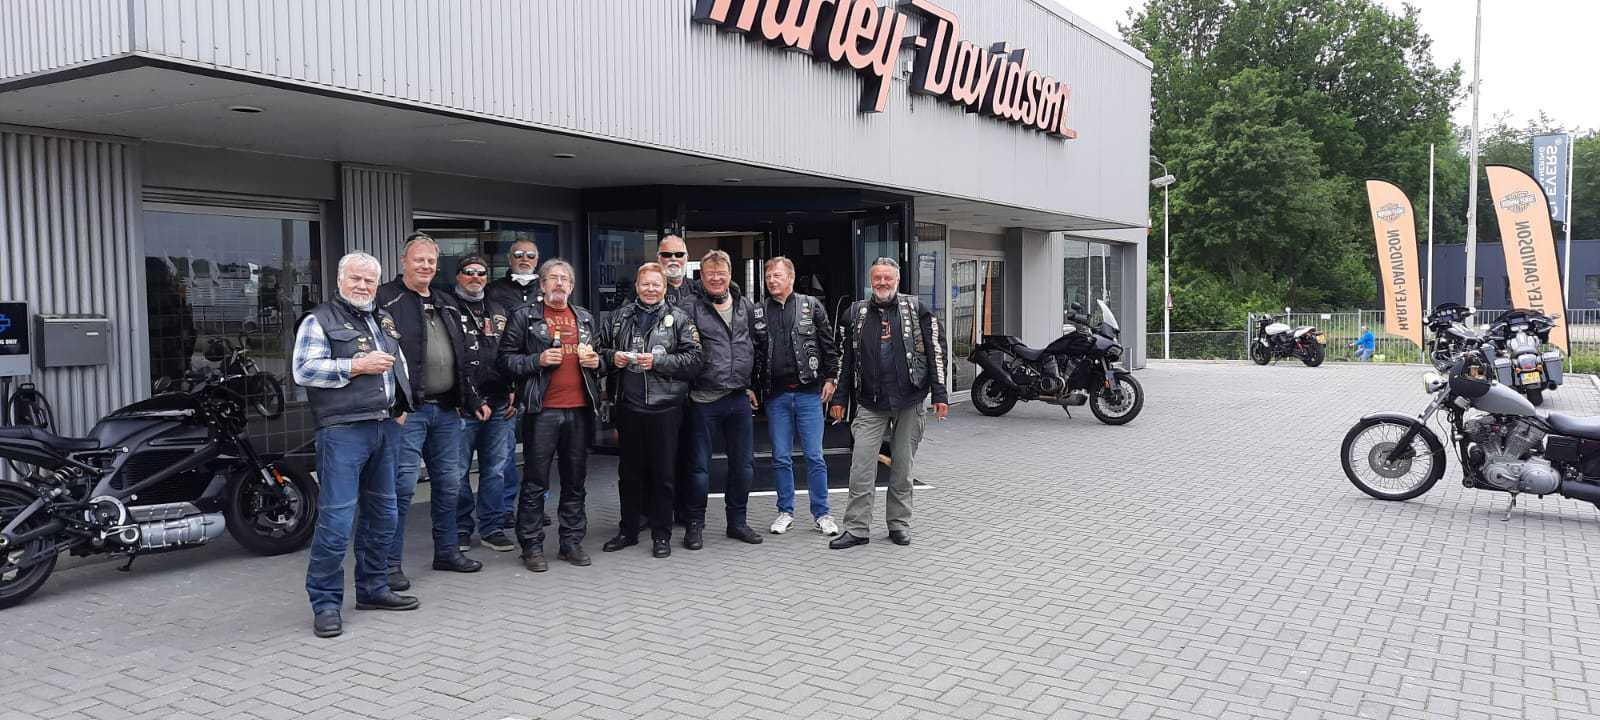 Kerkrade-Gruppe